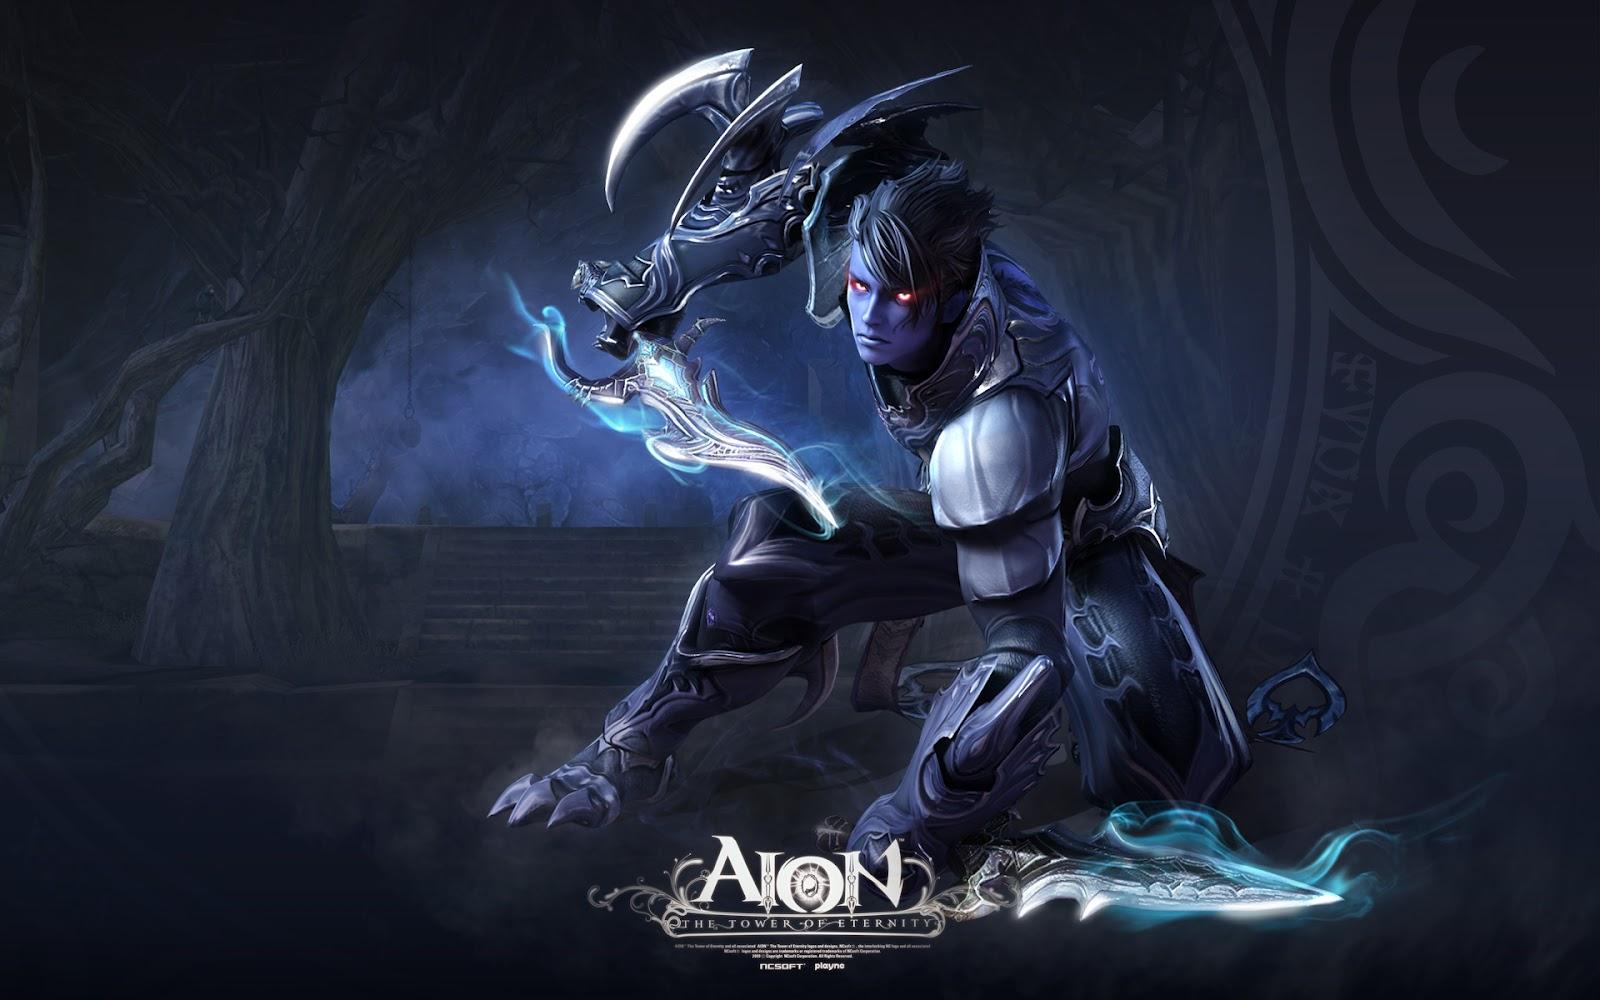 http://1.bp.blogspot.com/-N-EZciPrW9Y/UBM6b3_RXAI/AAAAAAAADsI/TETFiSpUt68/s1600/Aion+Online+wallpapers_assassin_asmo.jpg